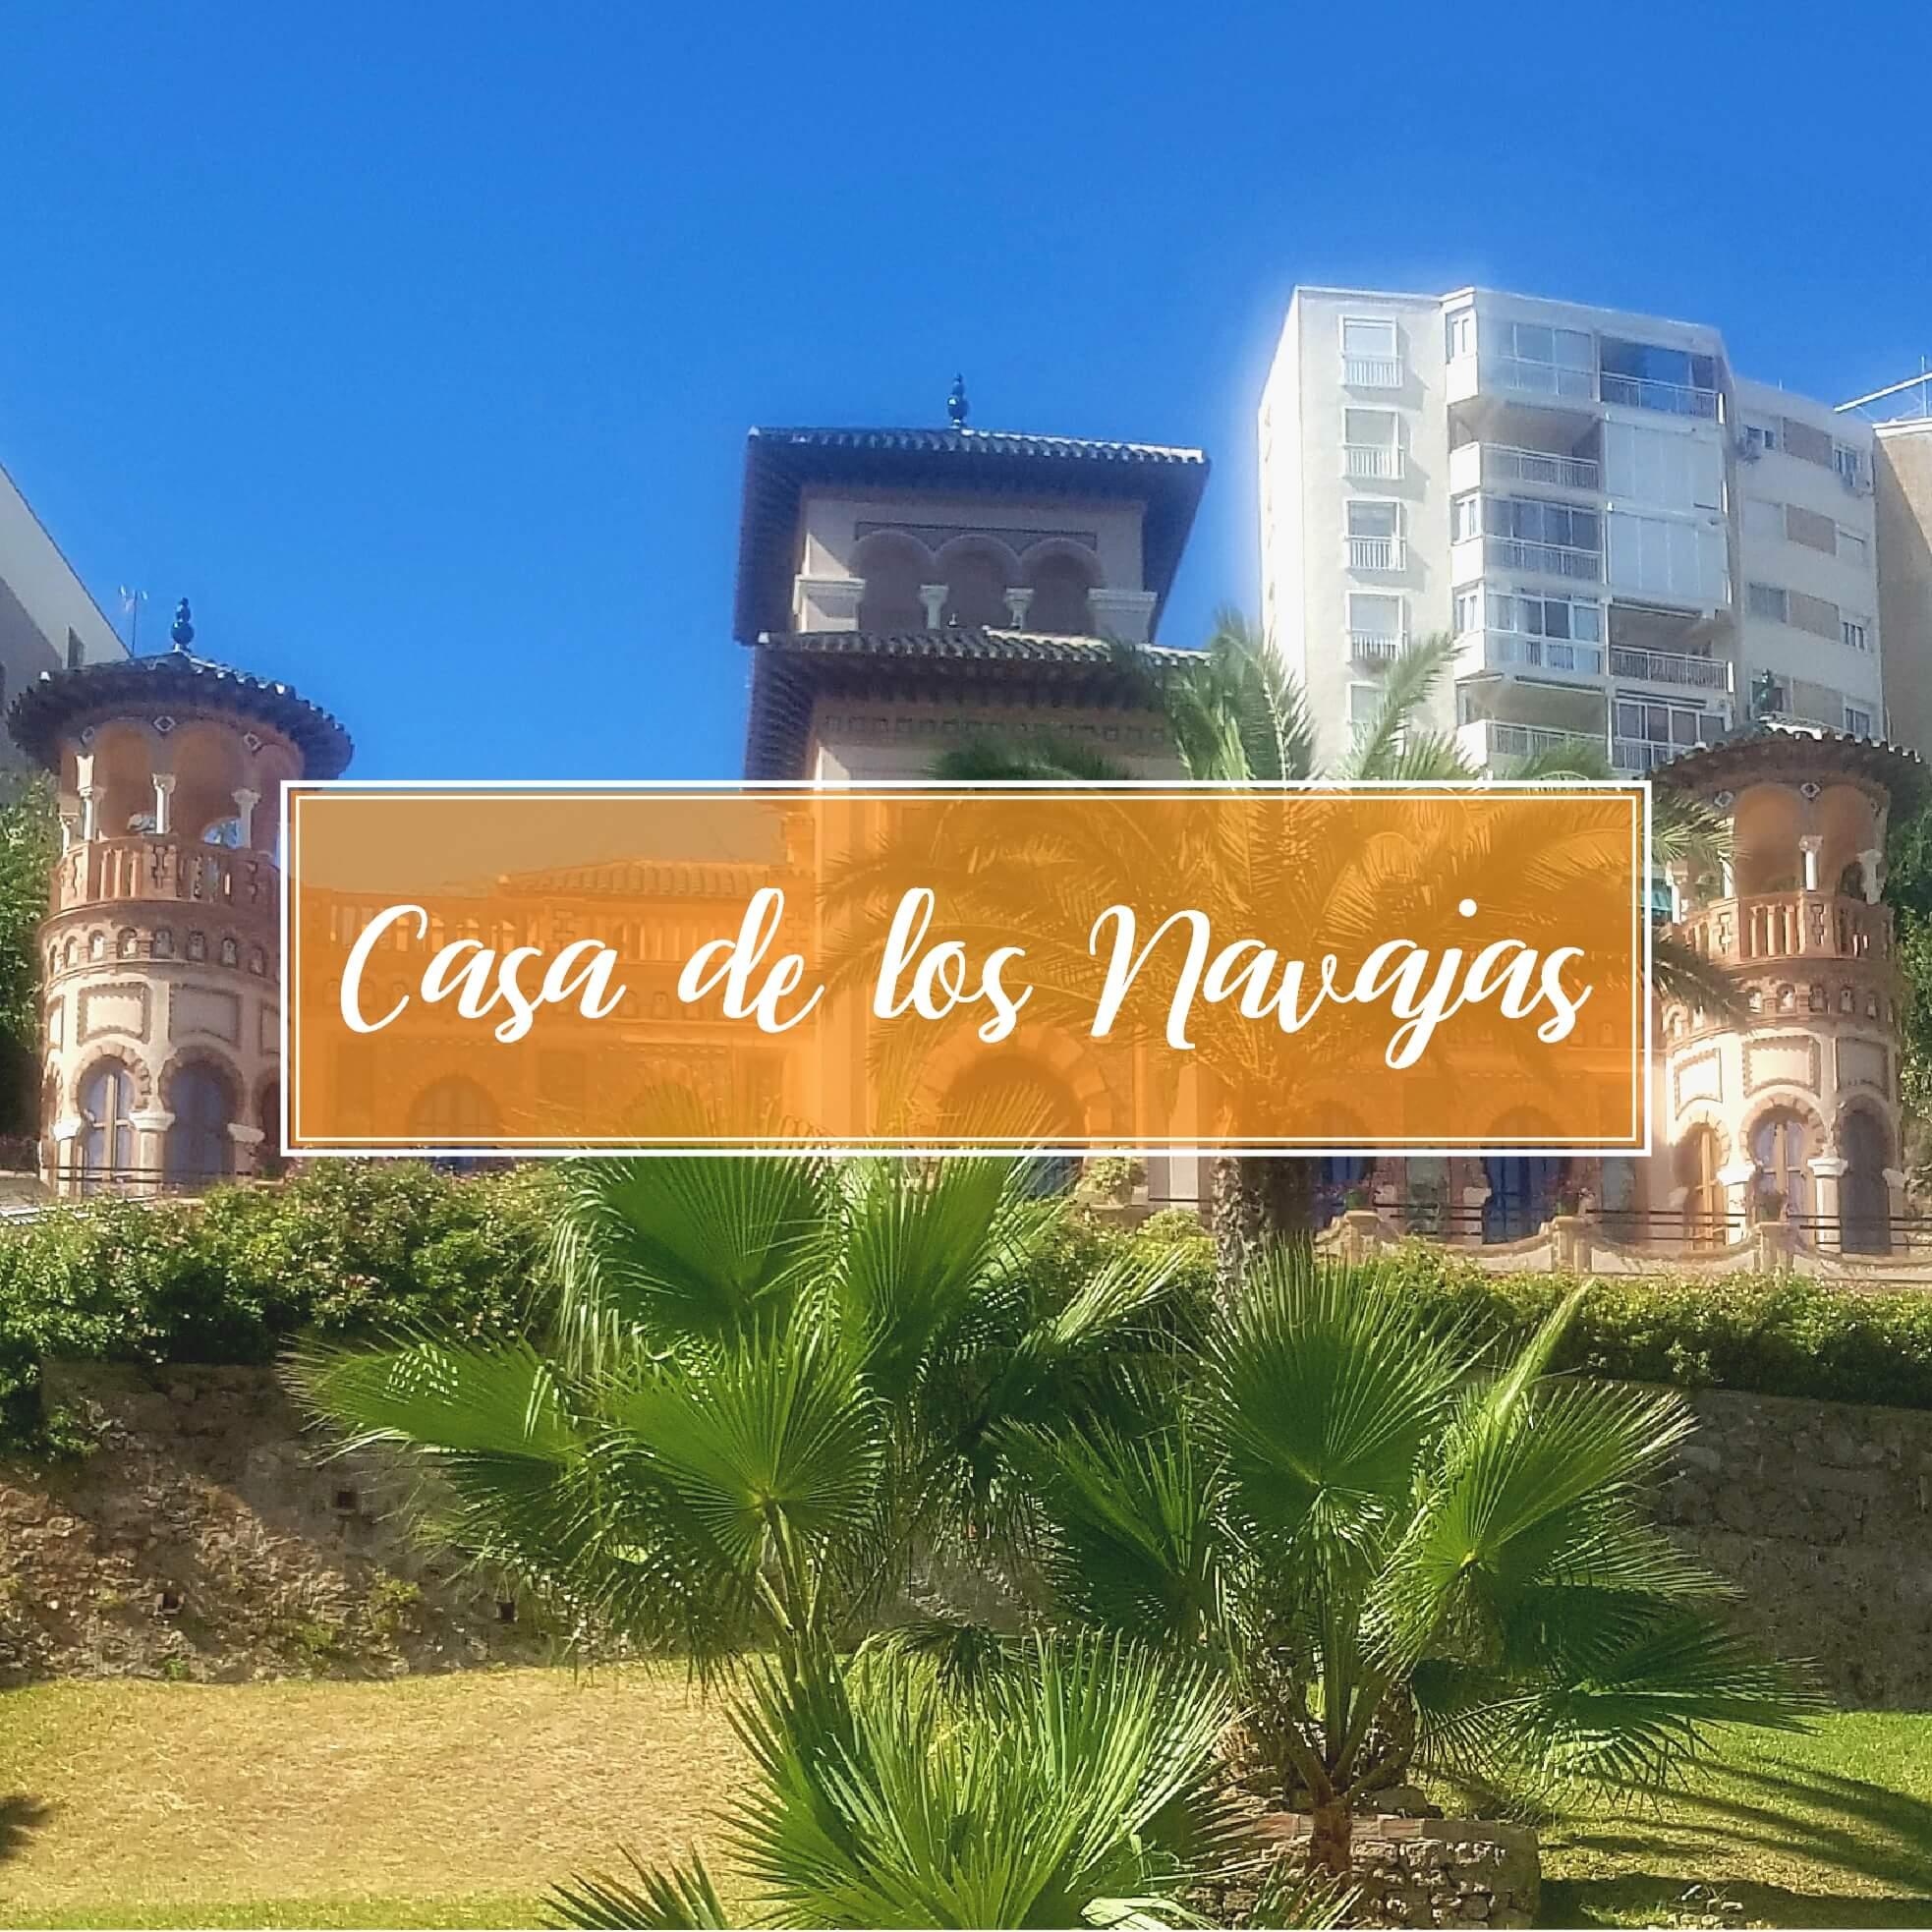 Palais La Casa de los Navajas Torremolinos Malaga